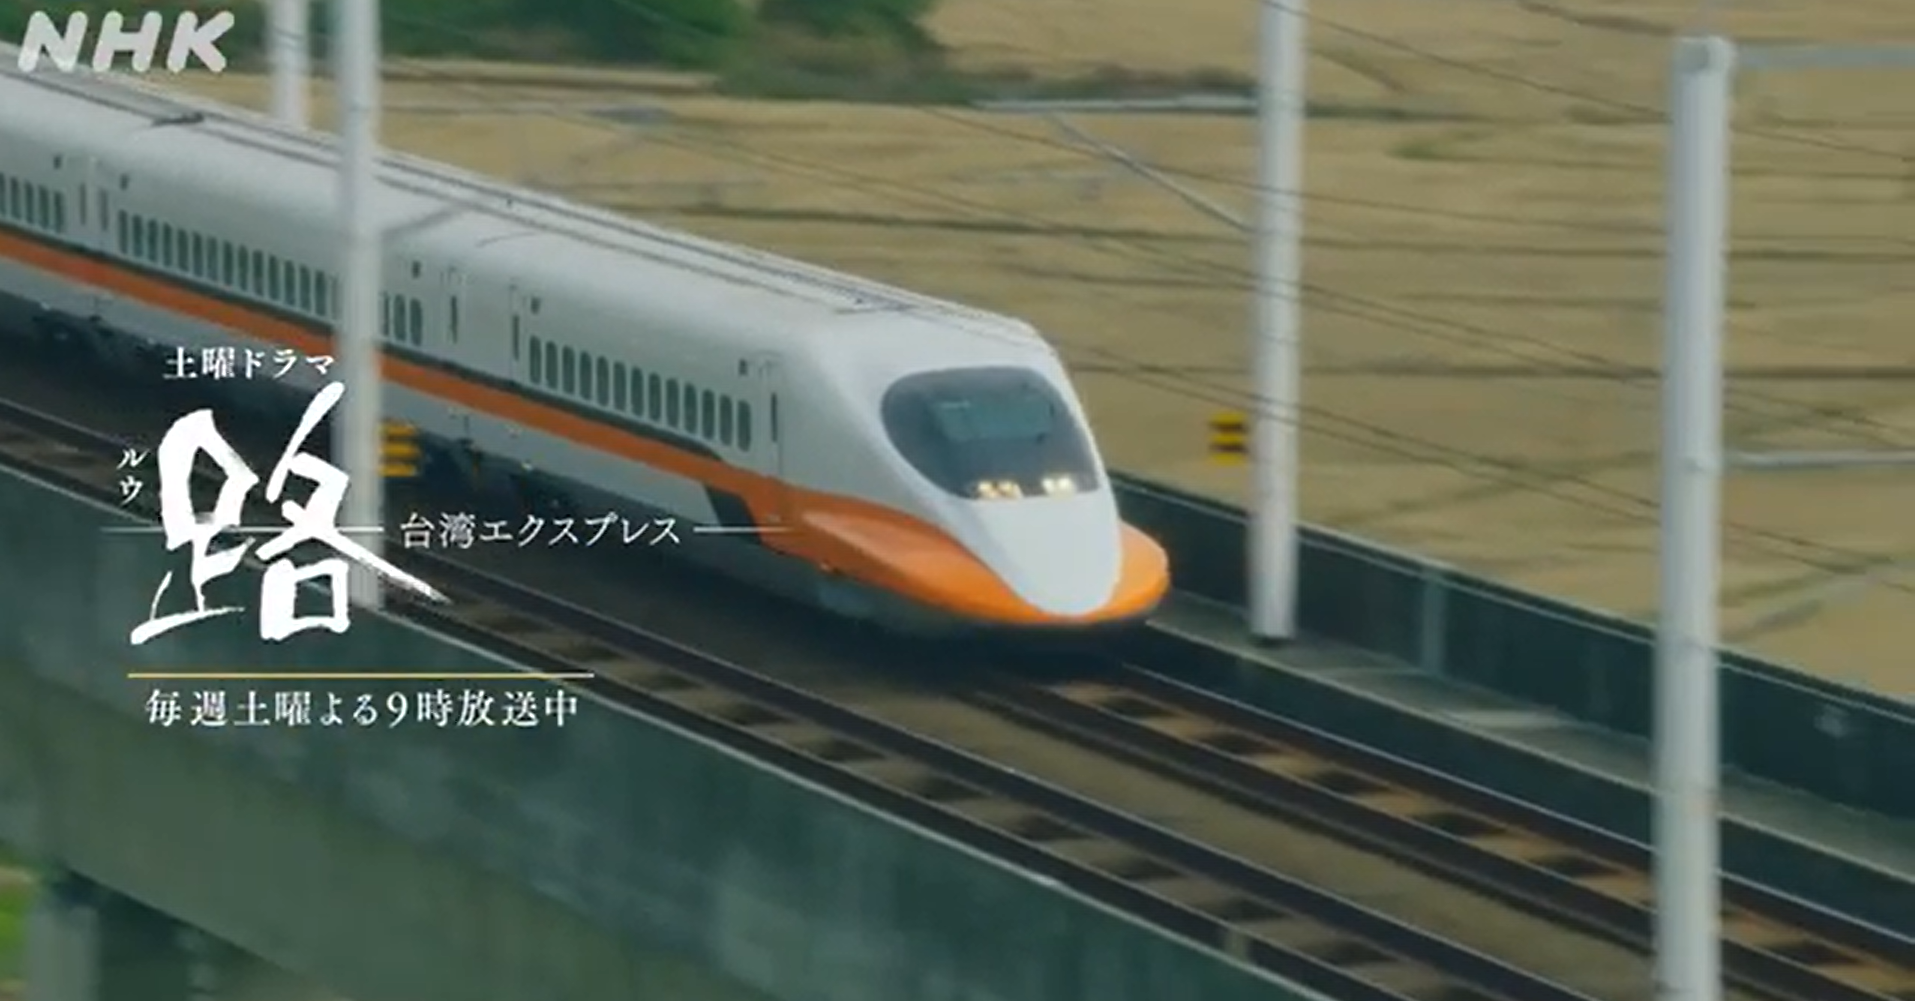 NHK土曜ドラマ『路~台湾エクスプレス~』第1話:台湾の歴史や言語について